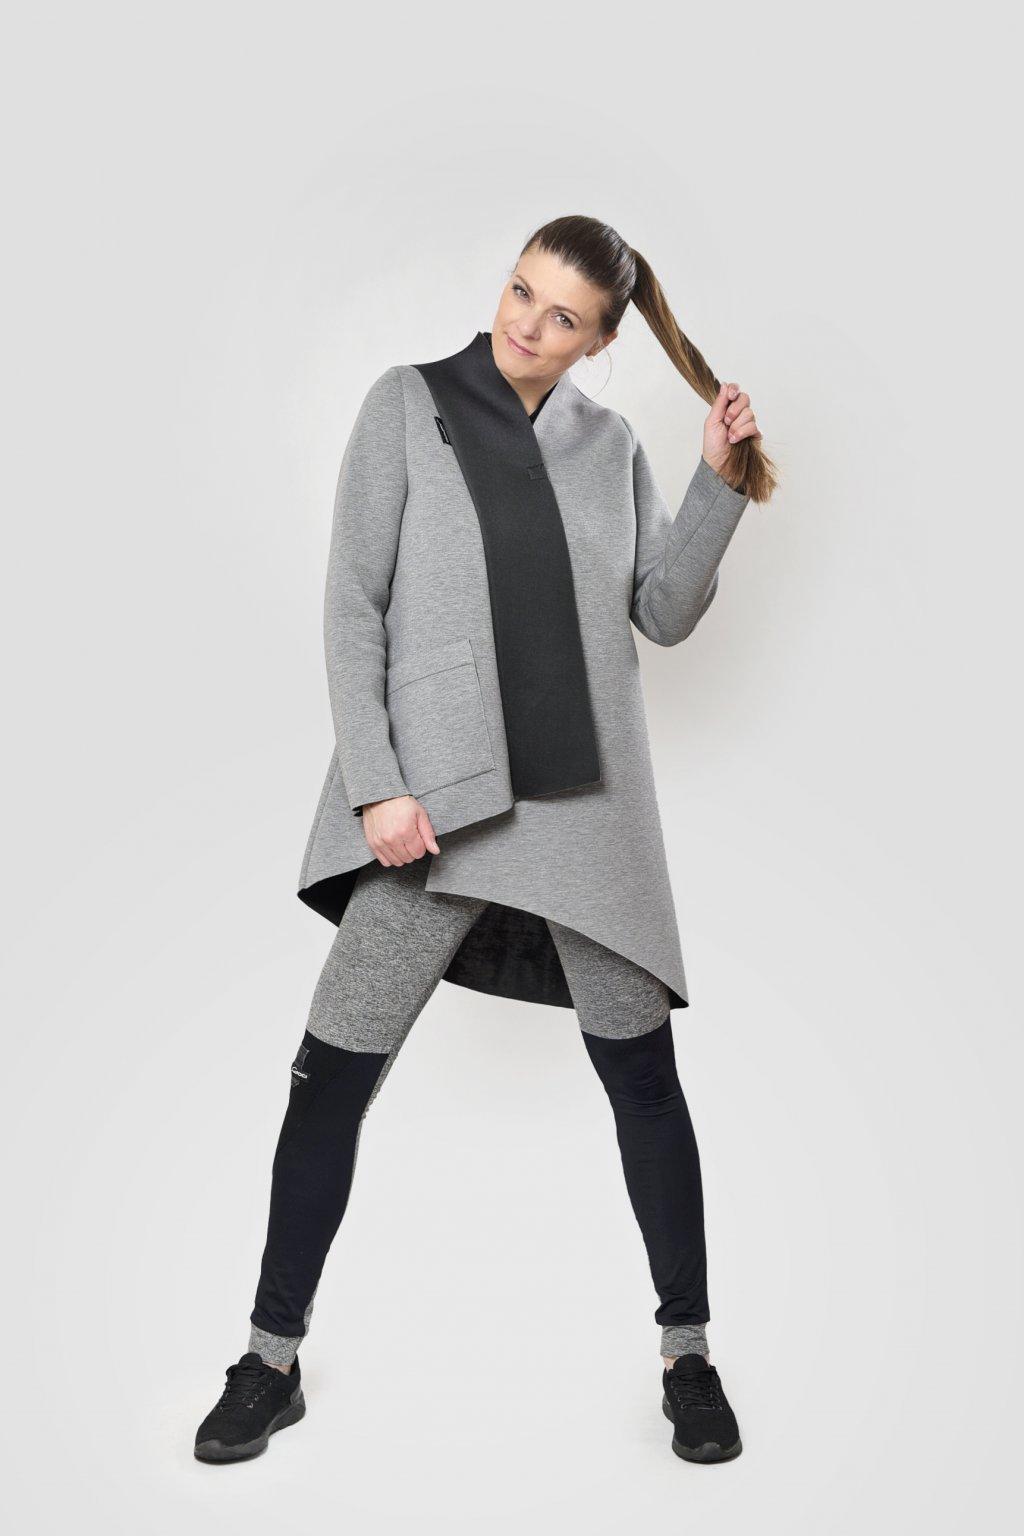 Dámský kabát scuba šedo černý neopren asymetrický Goci